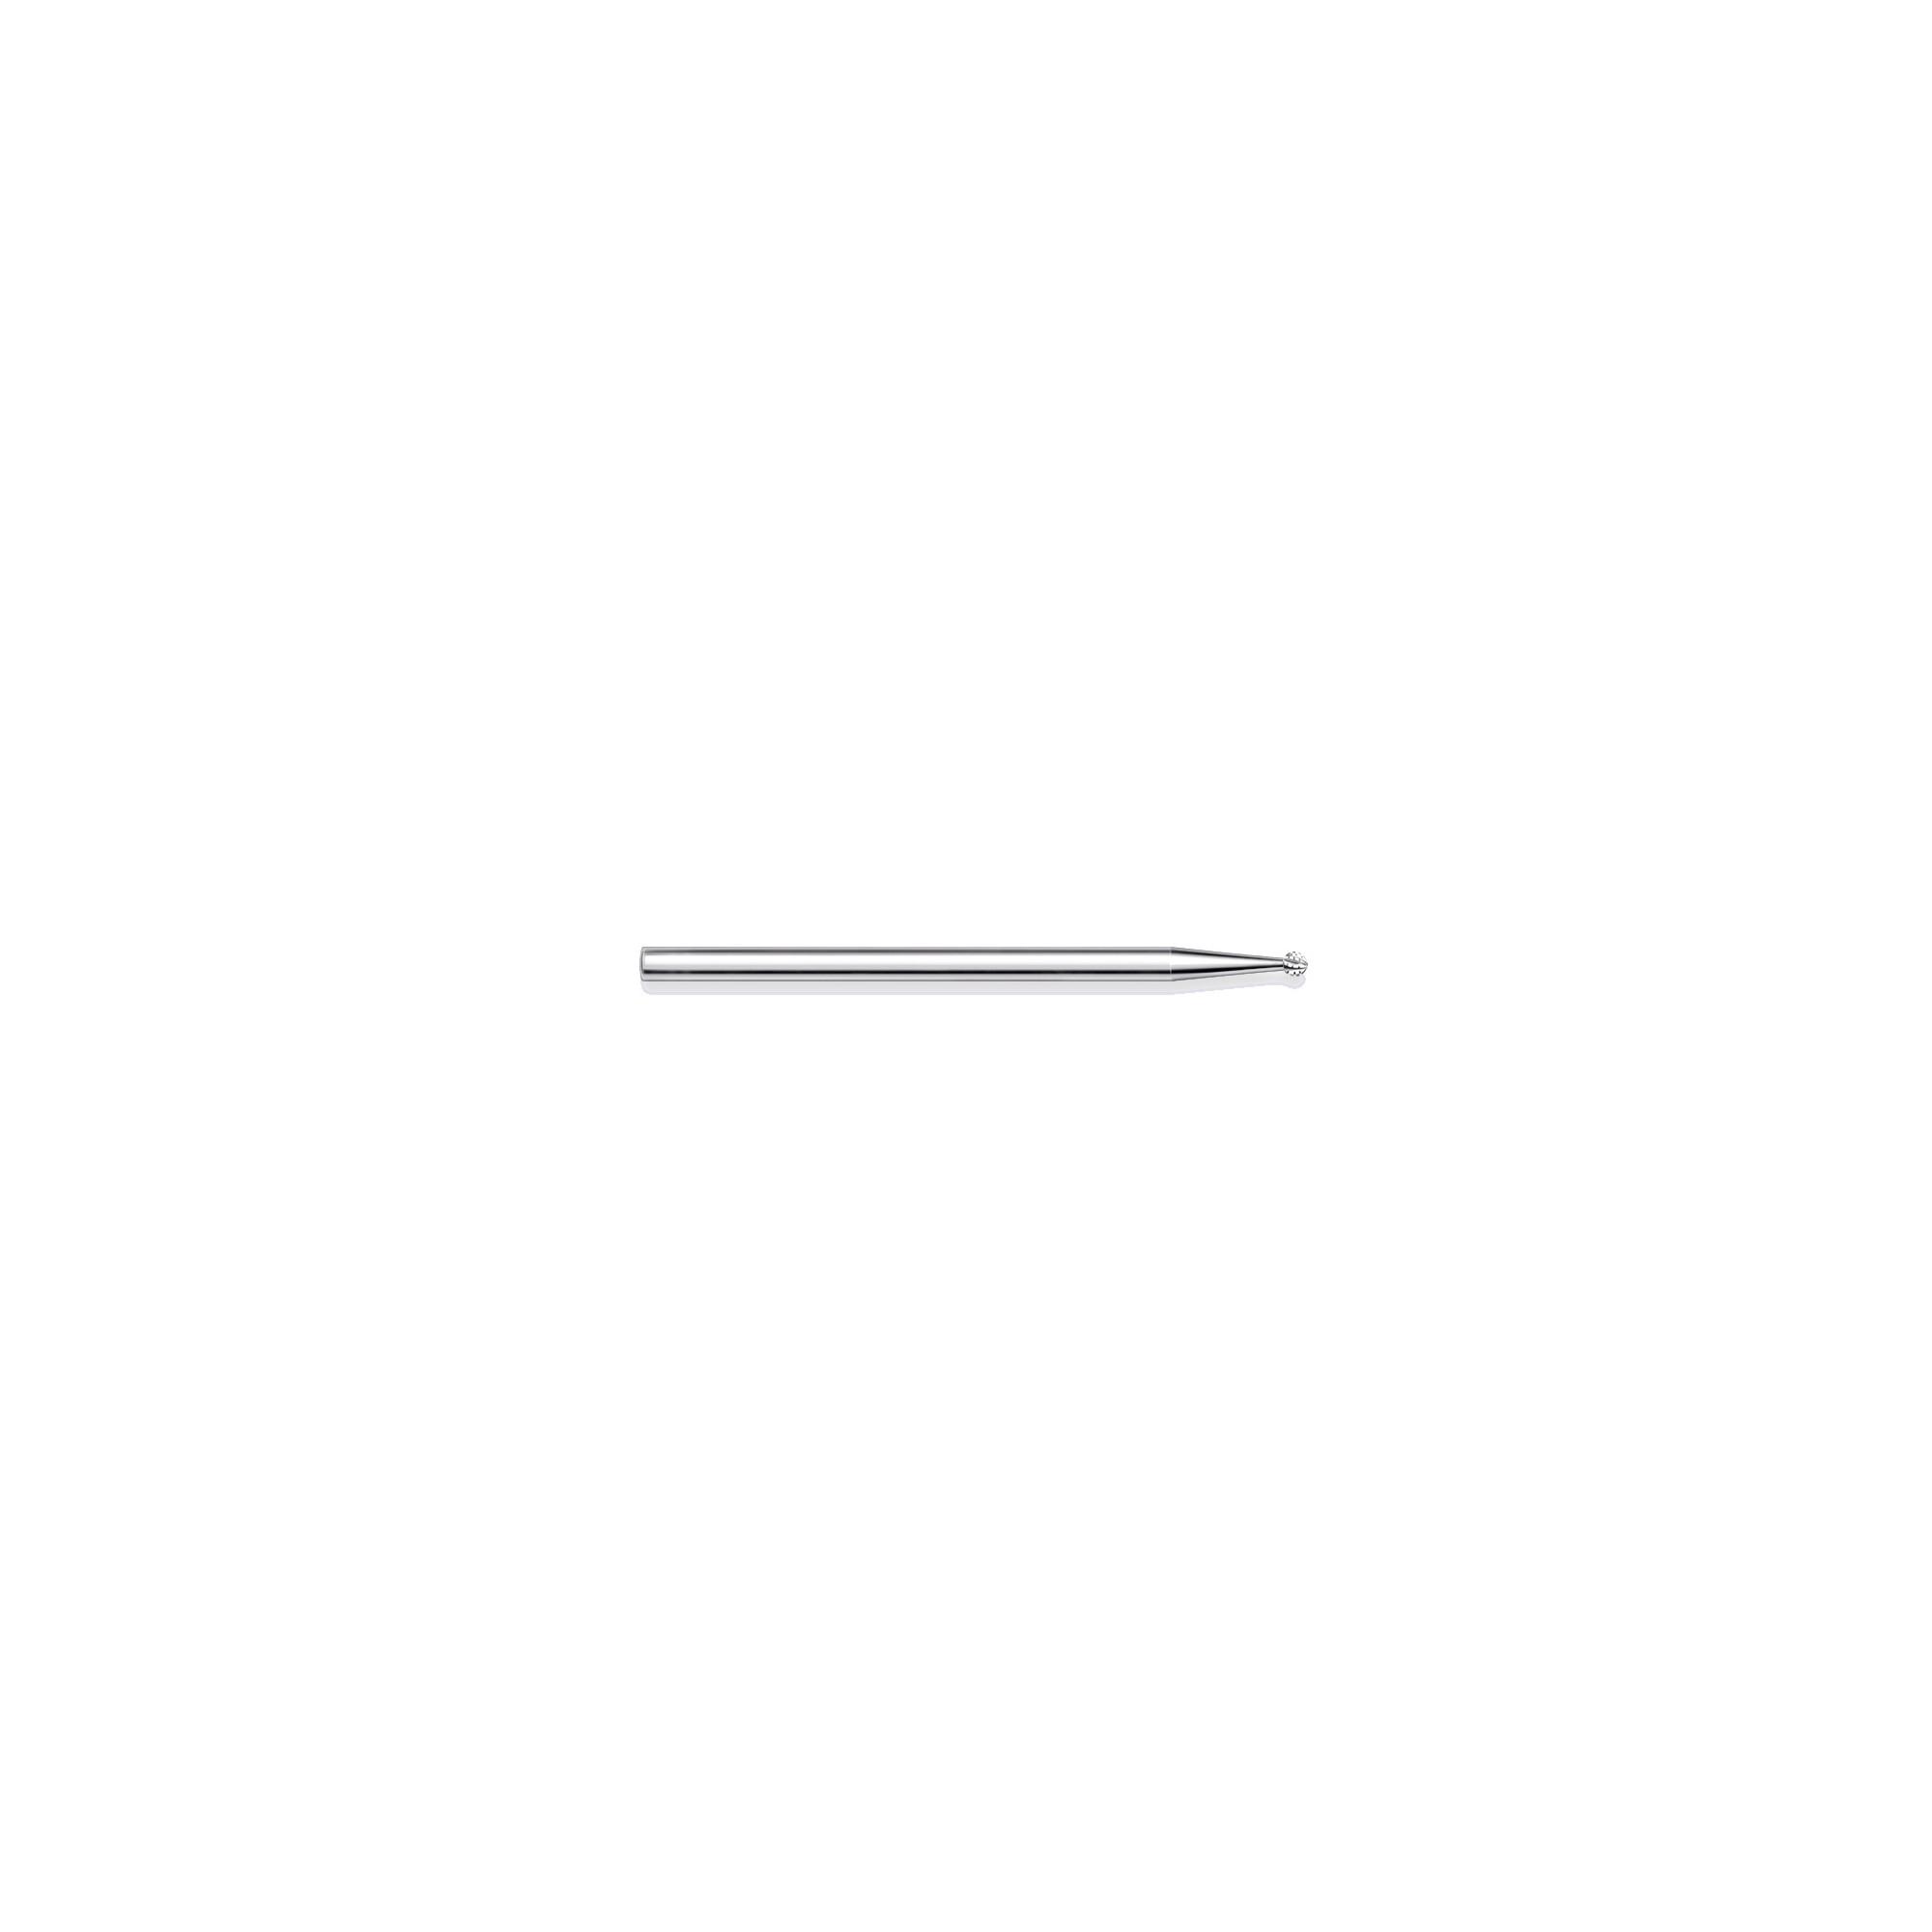 Fraise 11RS - Acier inoxydable - Enucléation des cors - 1,8 mm